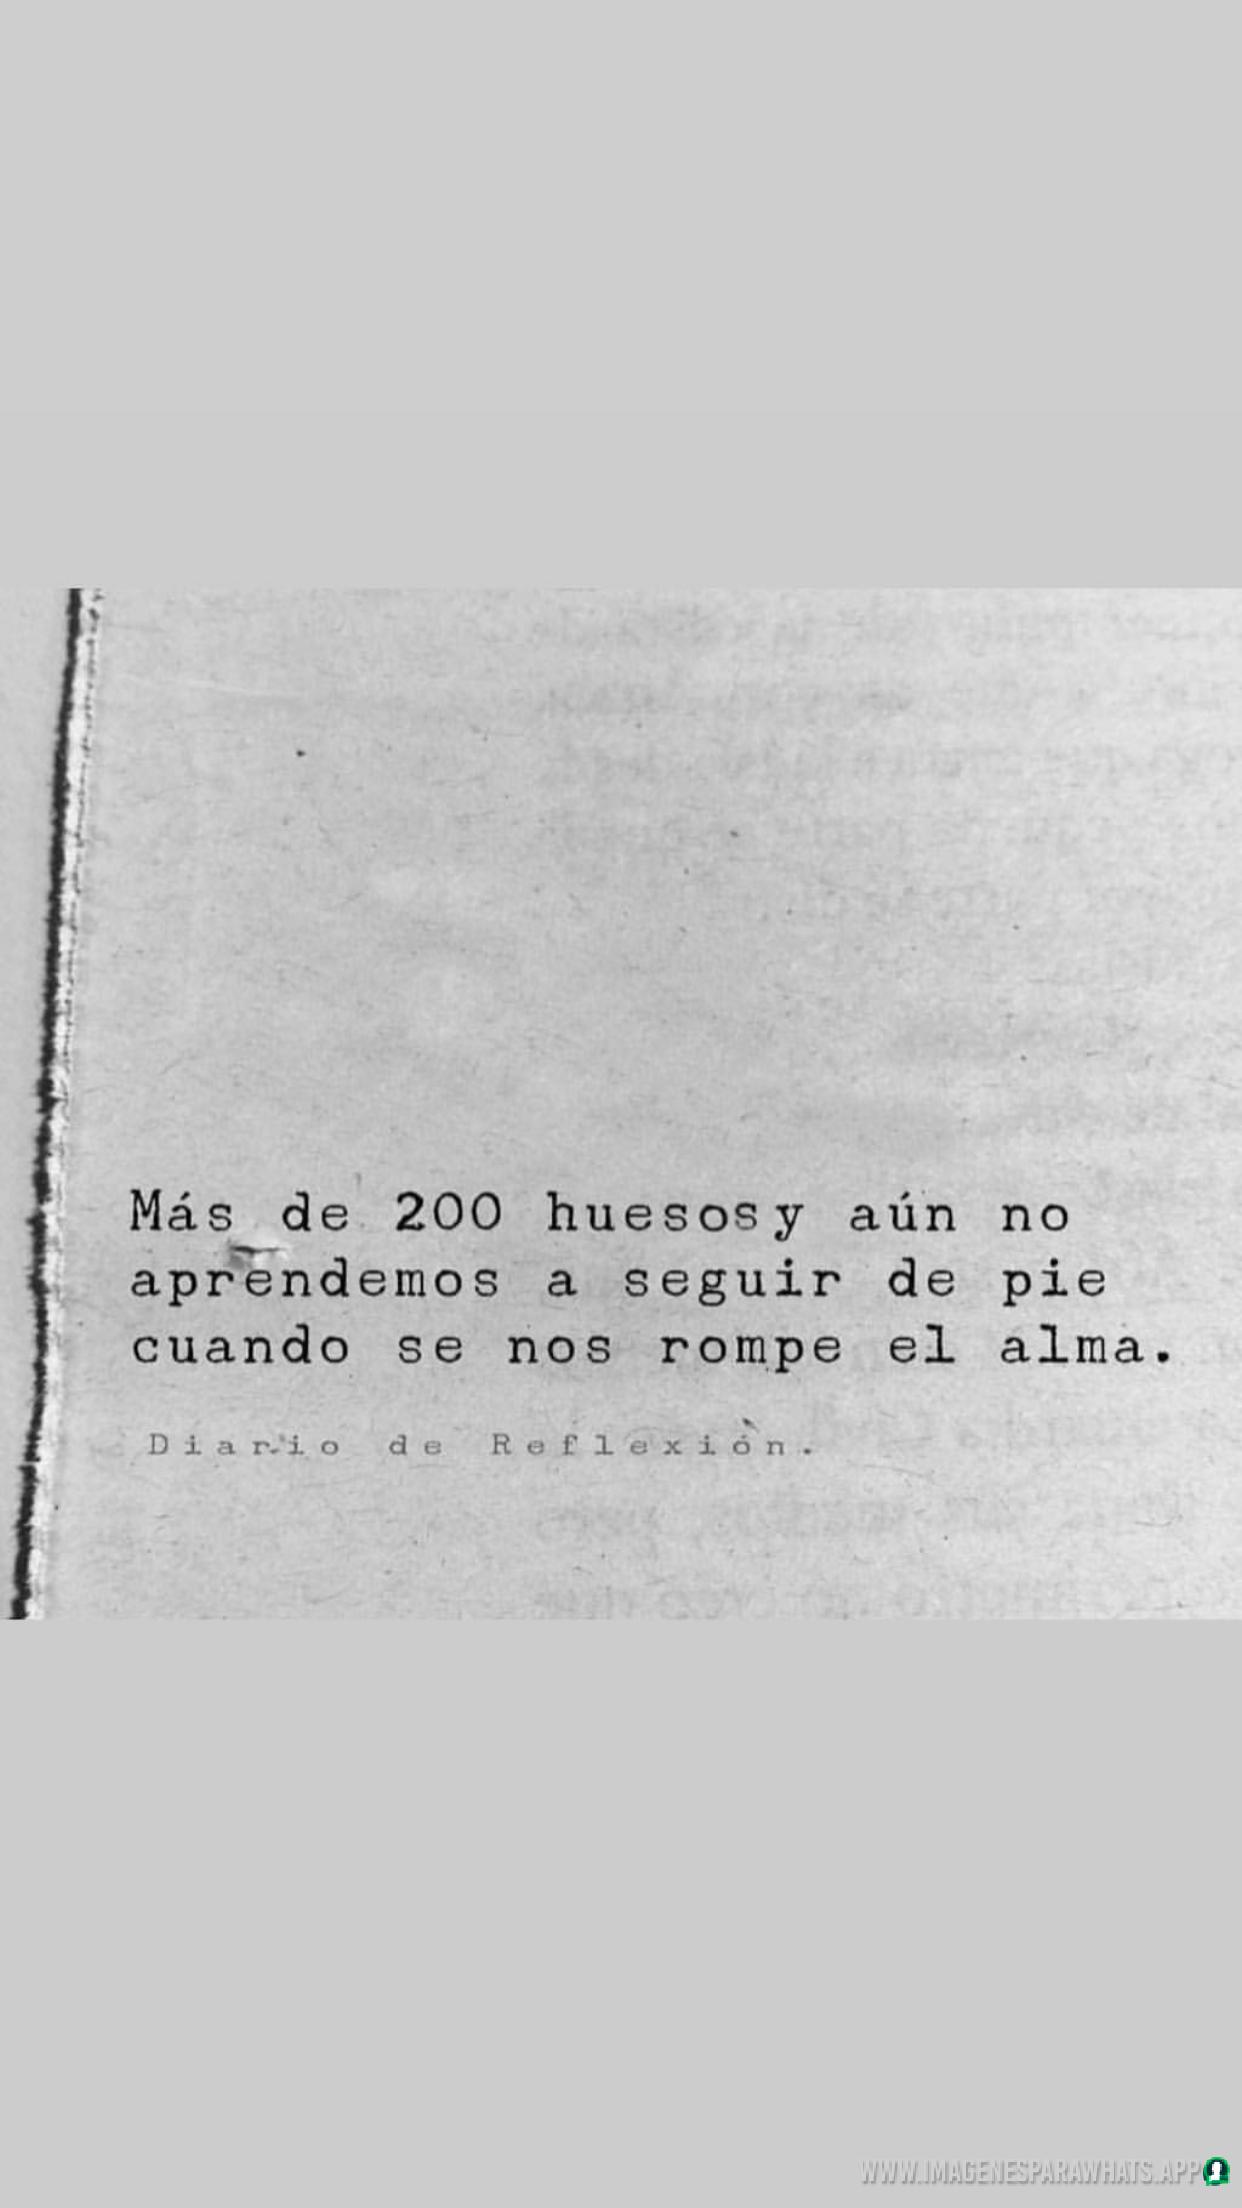 Imagenes-con-poemas-25